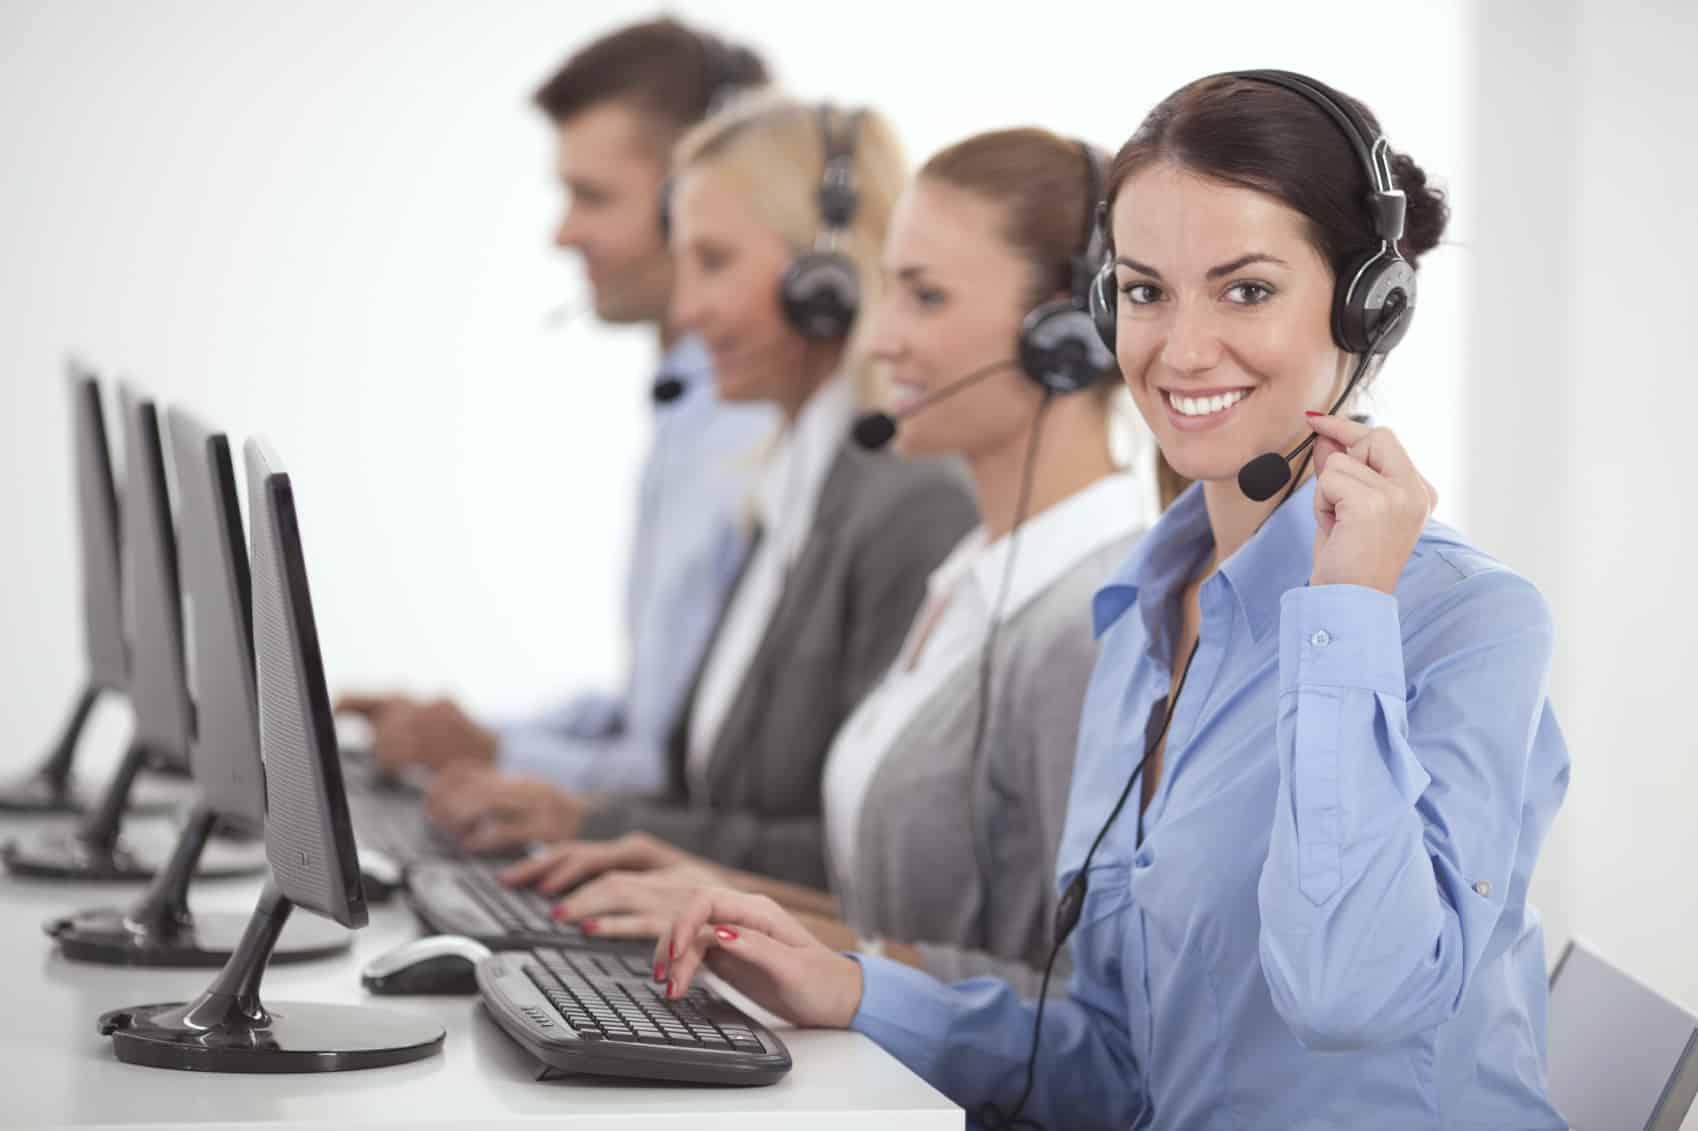 Comissão aprova projeto com novas regras para telemarketing